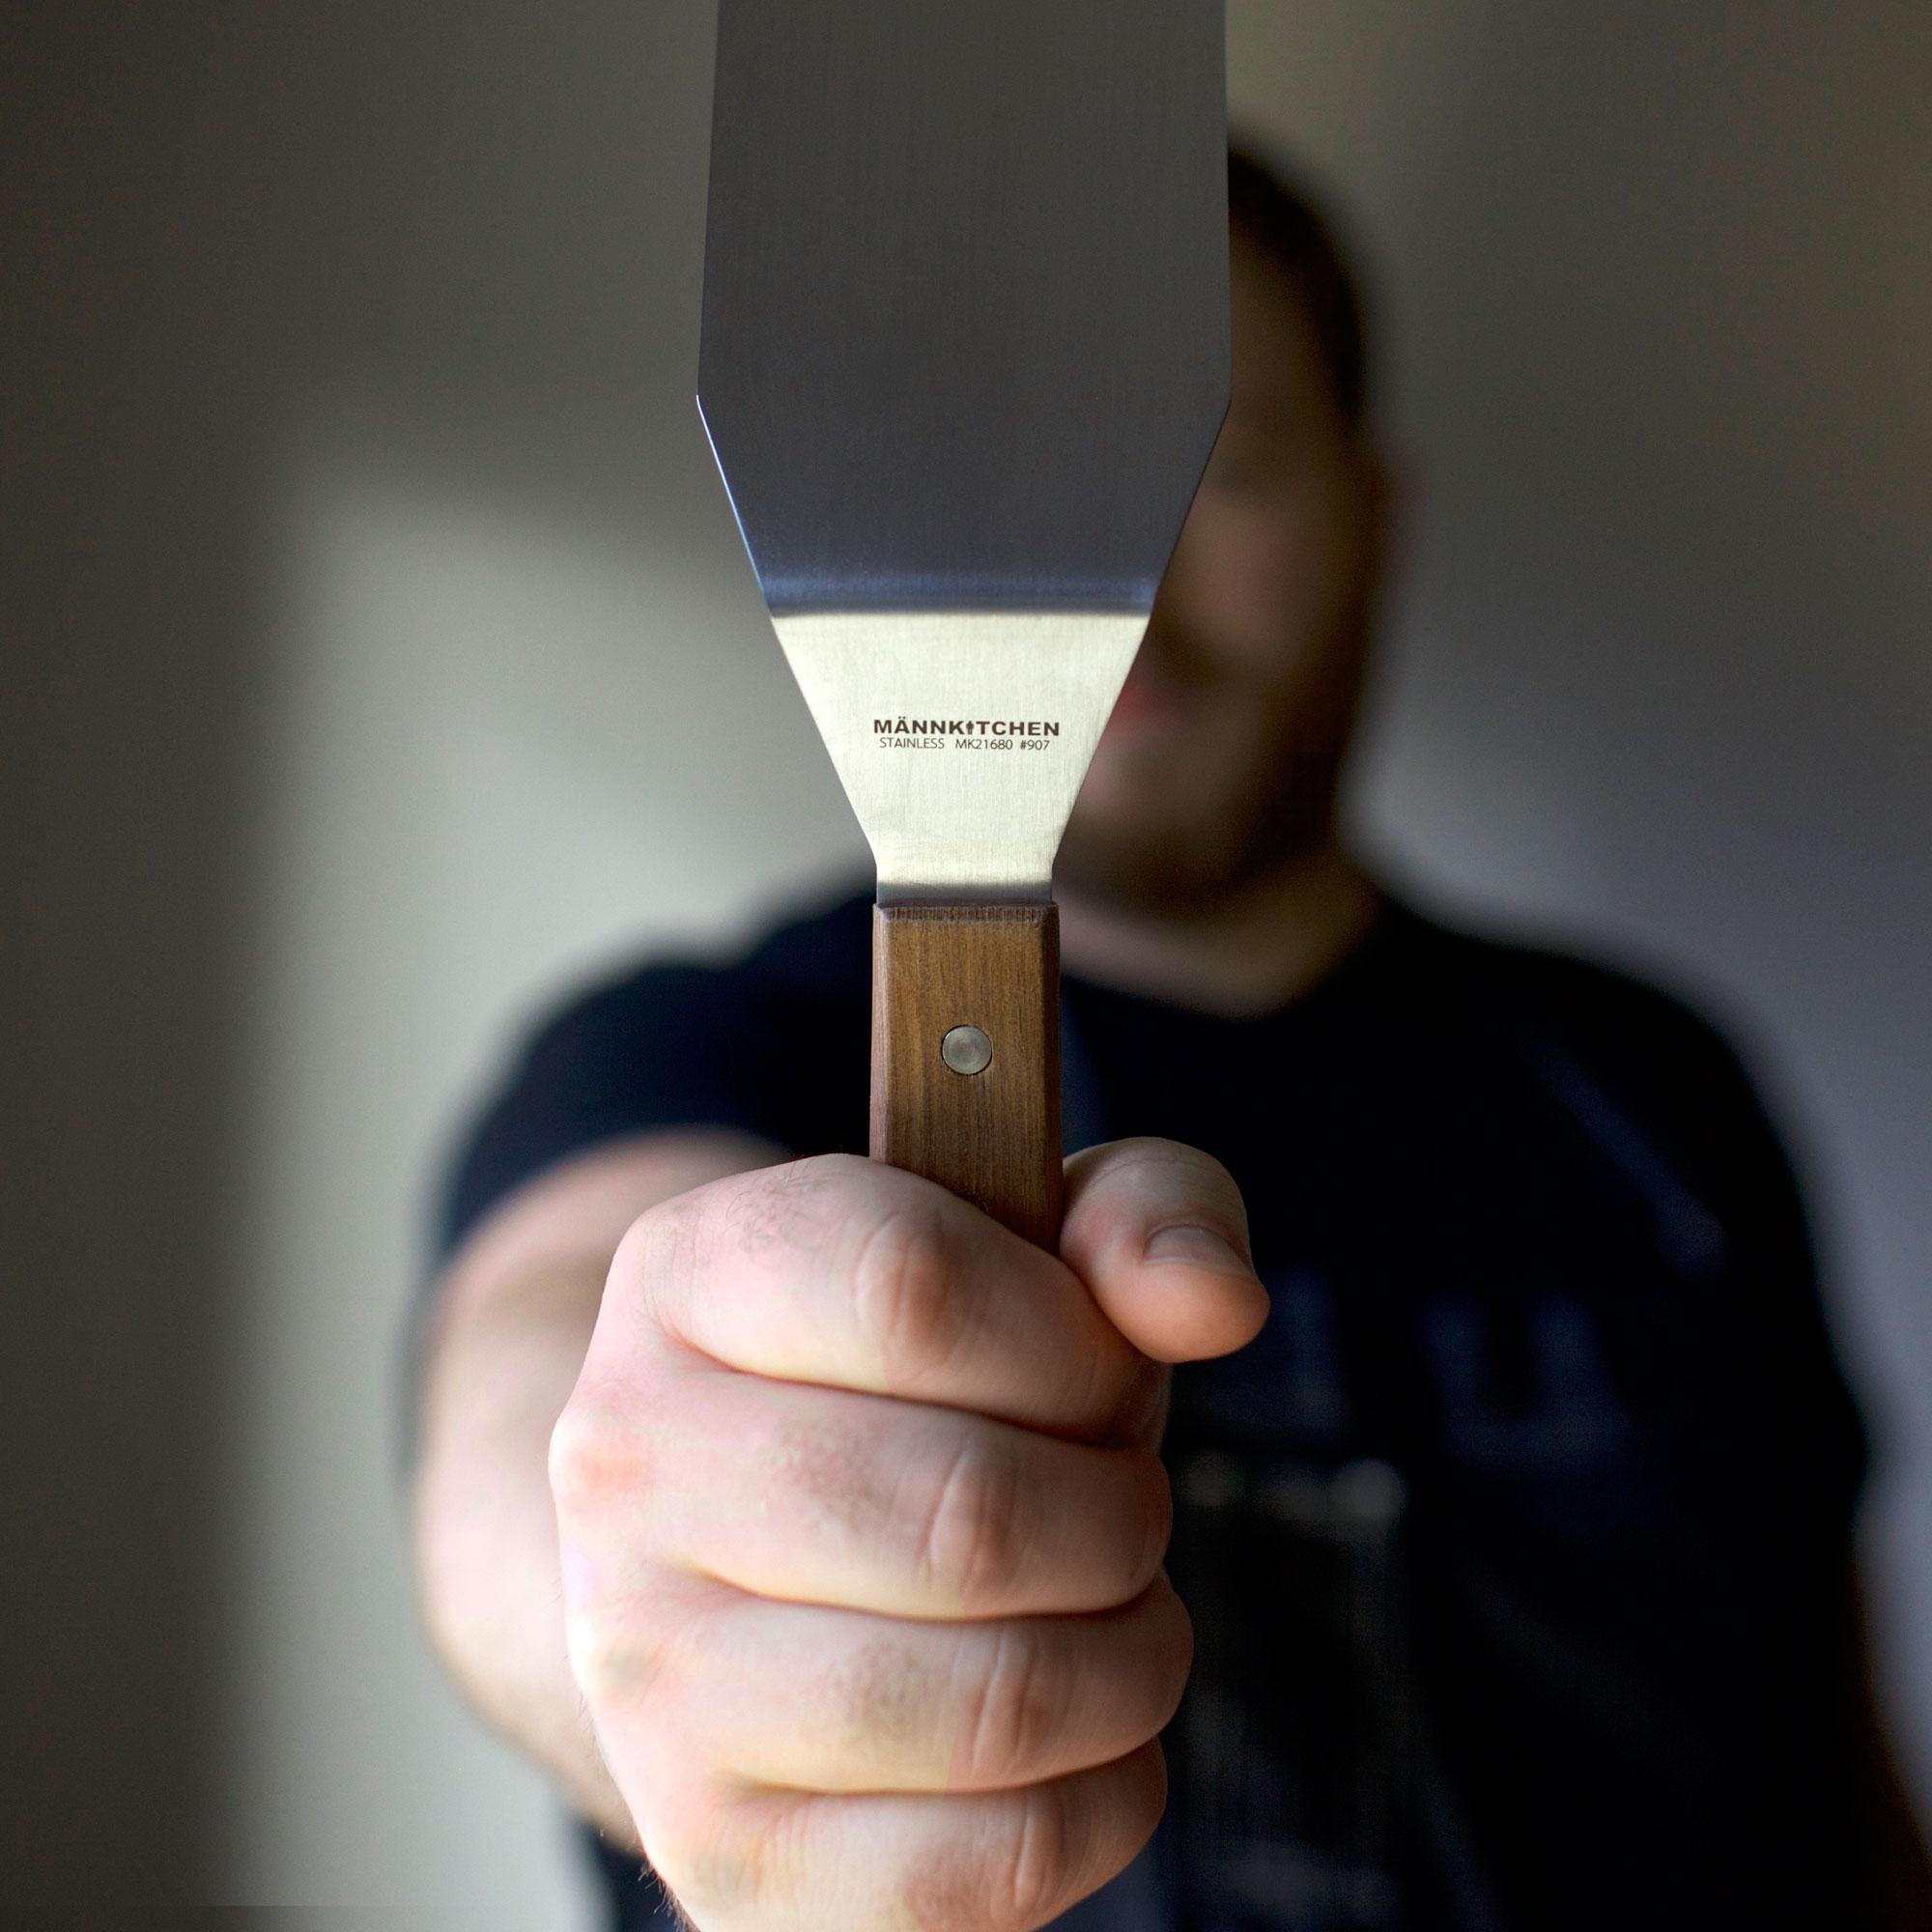 mannkitchen-spatula